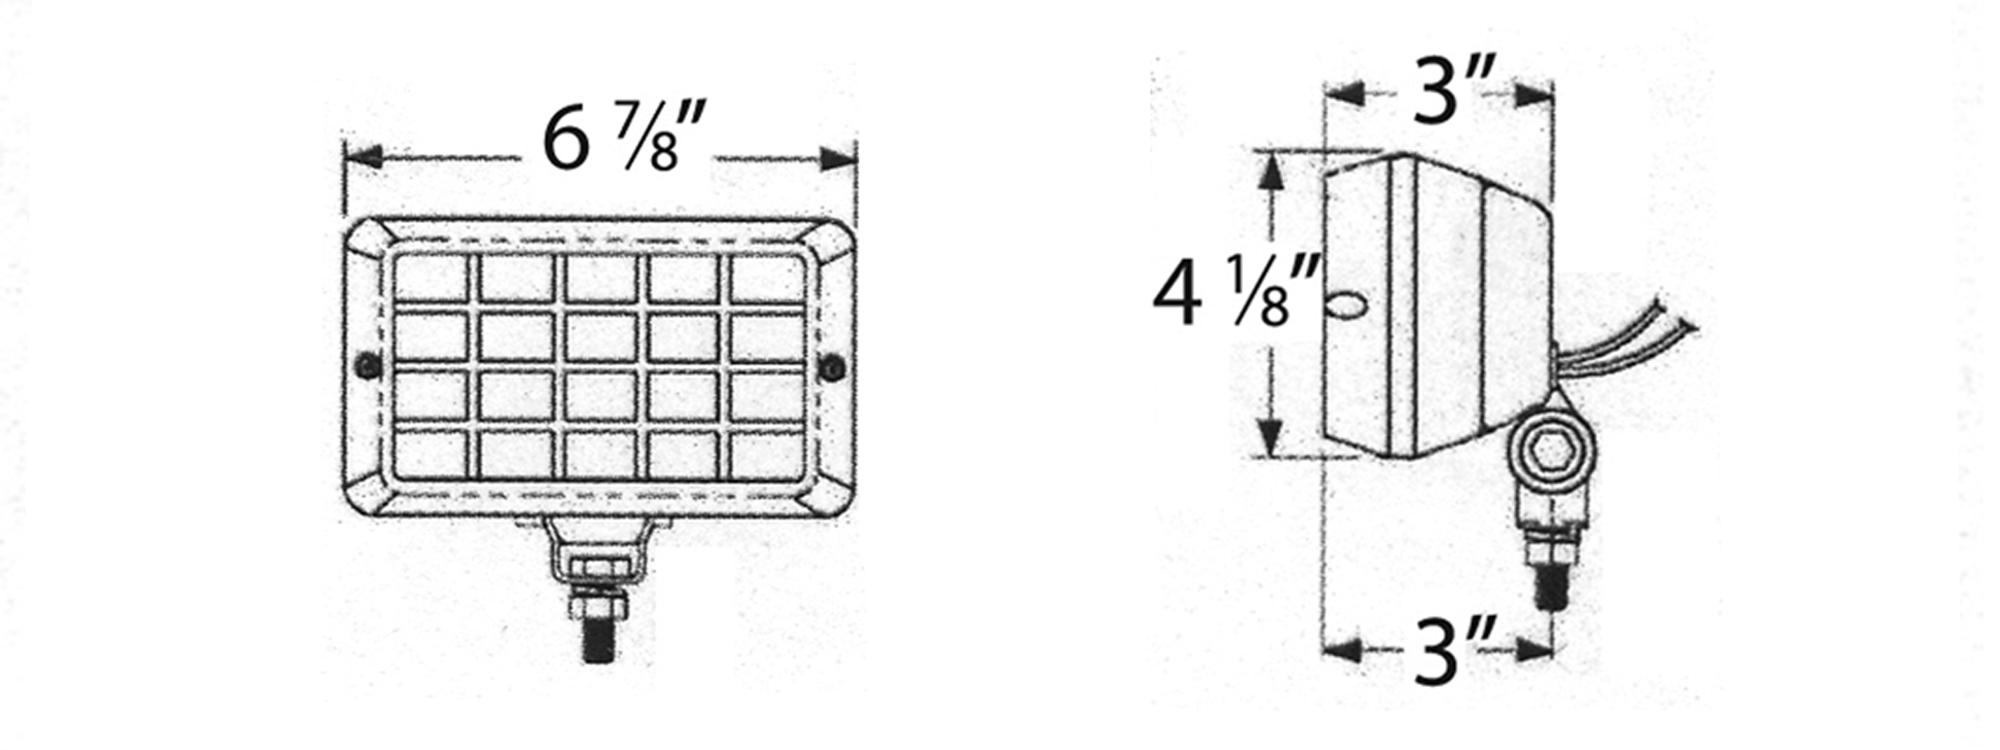 Fog Lights 12v 55 Watt Wiring Harness Wiring Diagram